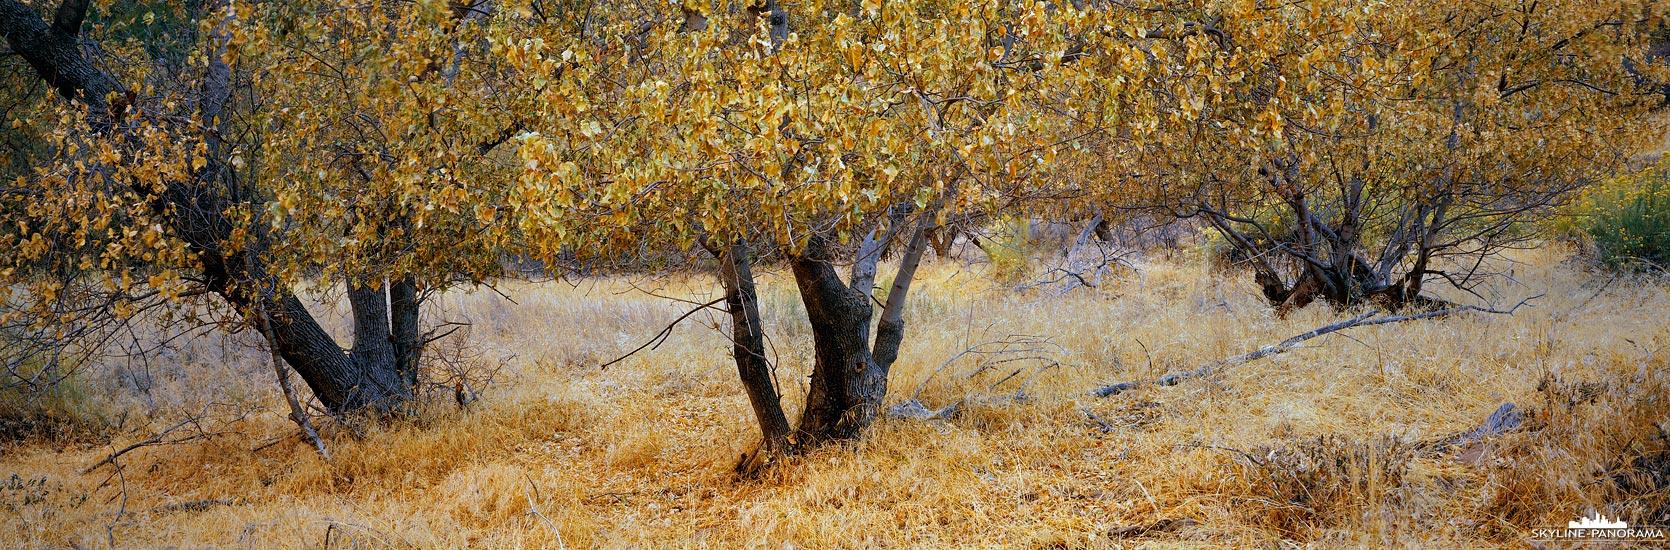 Ein herbstliches Motiv aus dem Zion Nationalparks in Utah, zu sehen ist eine kleine Gruppe von Pappeln mit gelb eingefärbten Blättern, die ich im Bereich der Big Bend bei meinem Aufenthalt im November 2019 entdeckt habe.